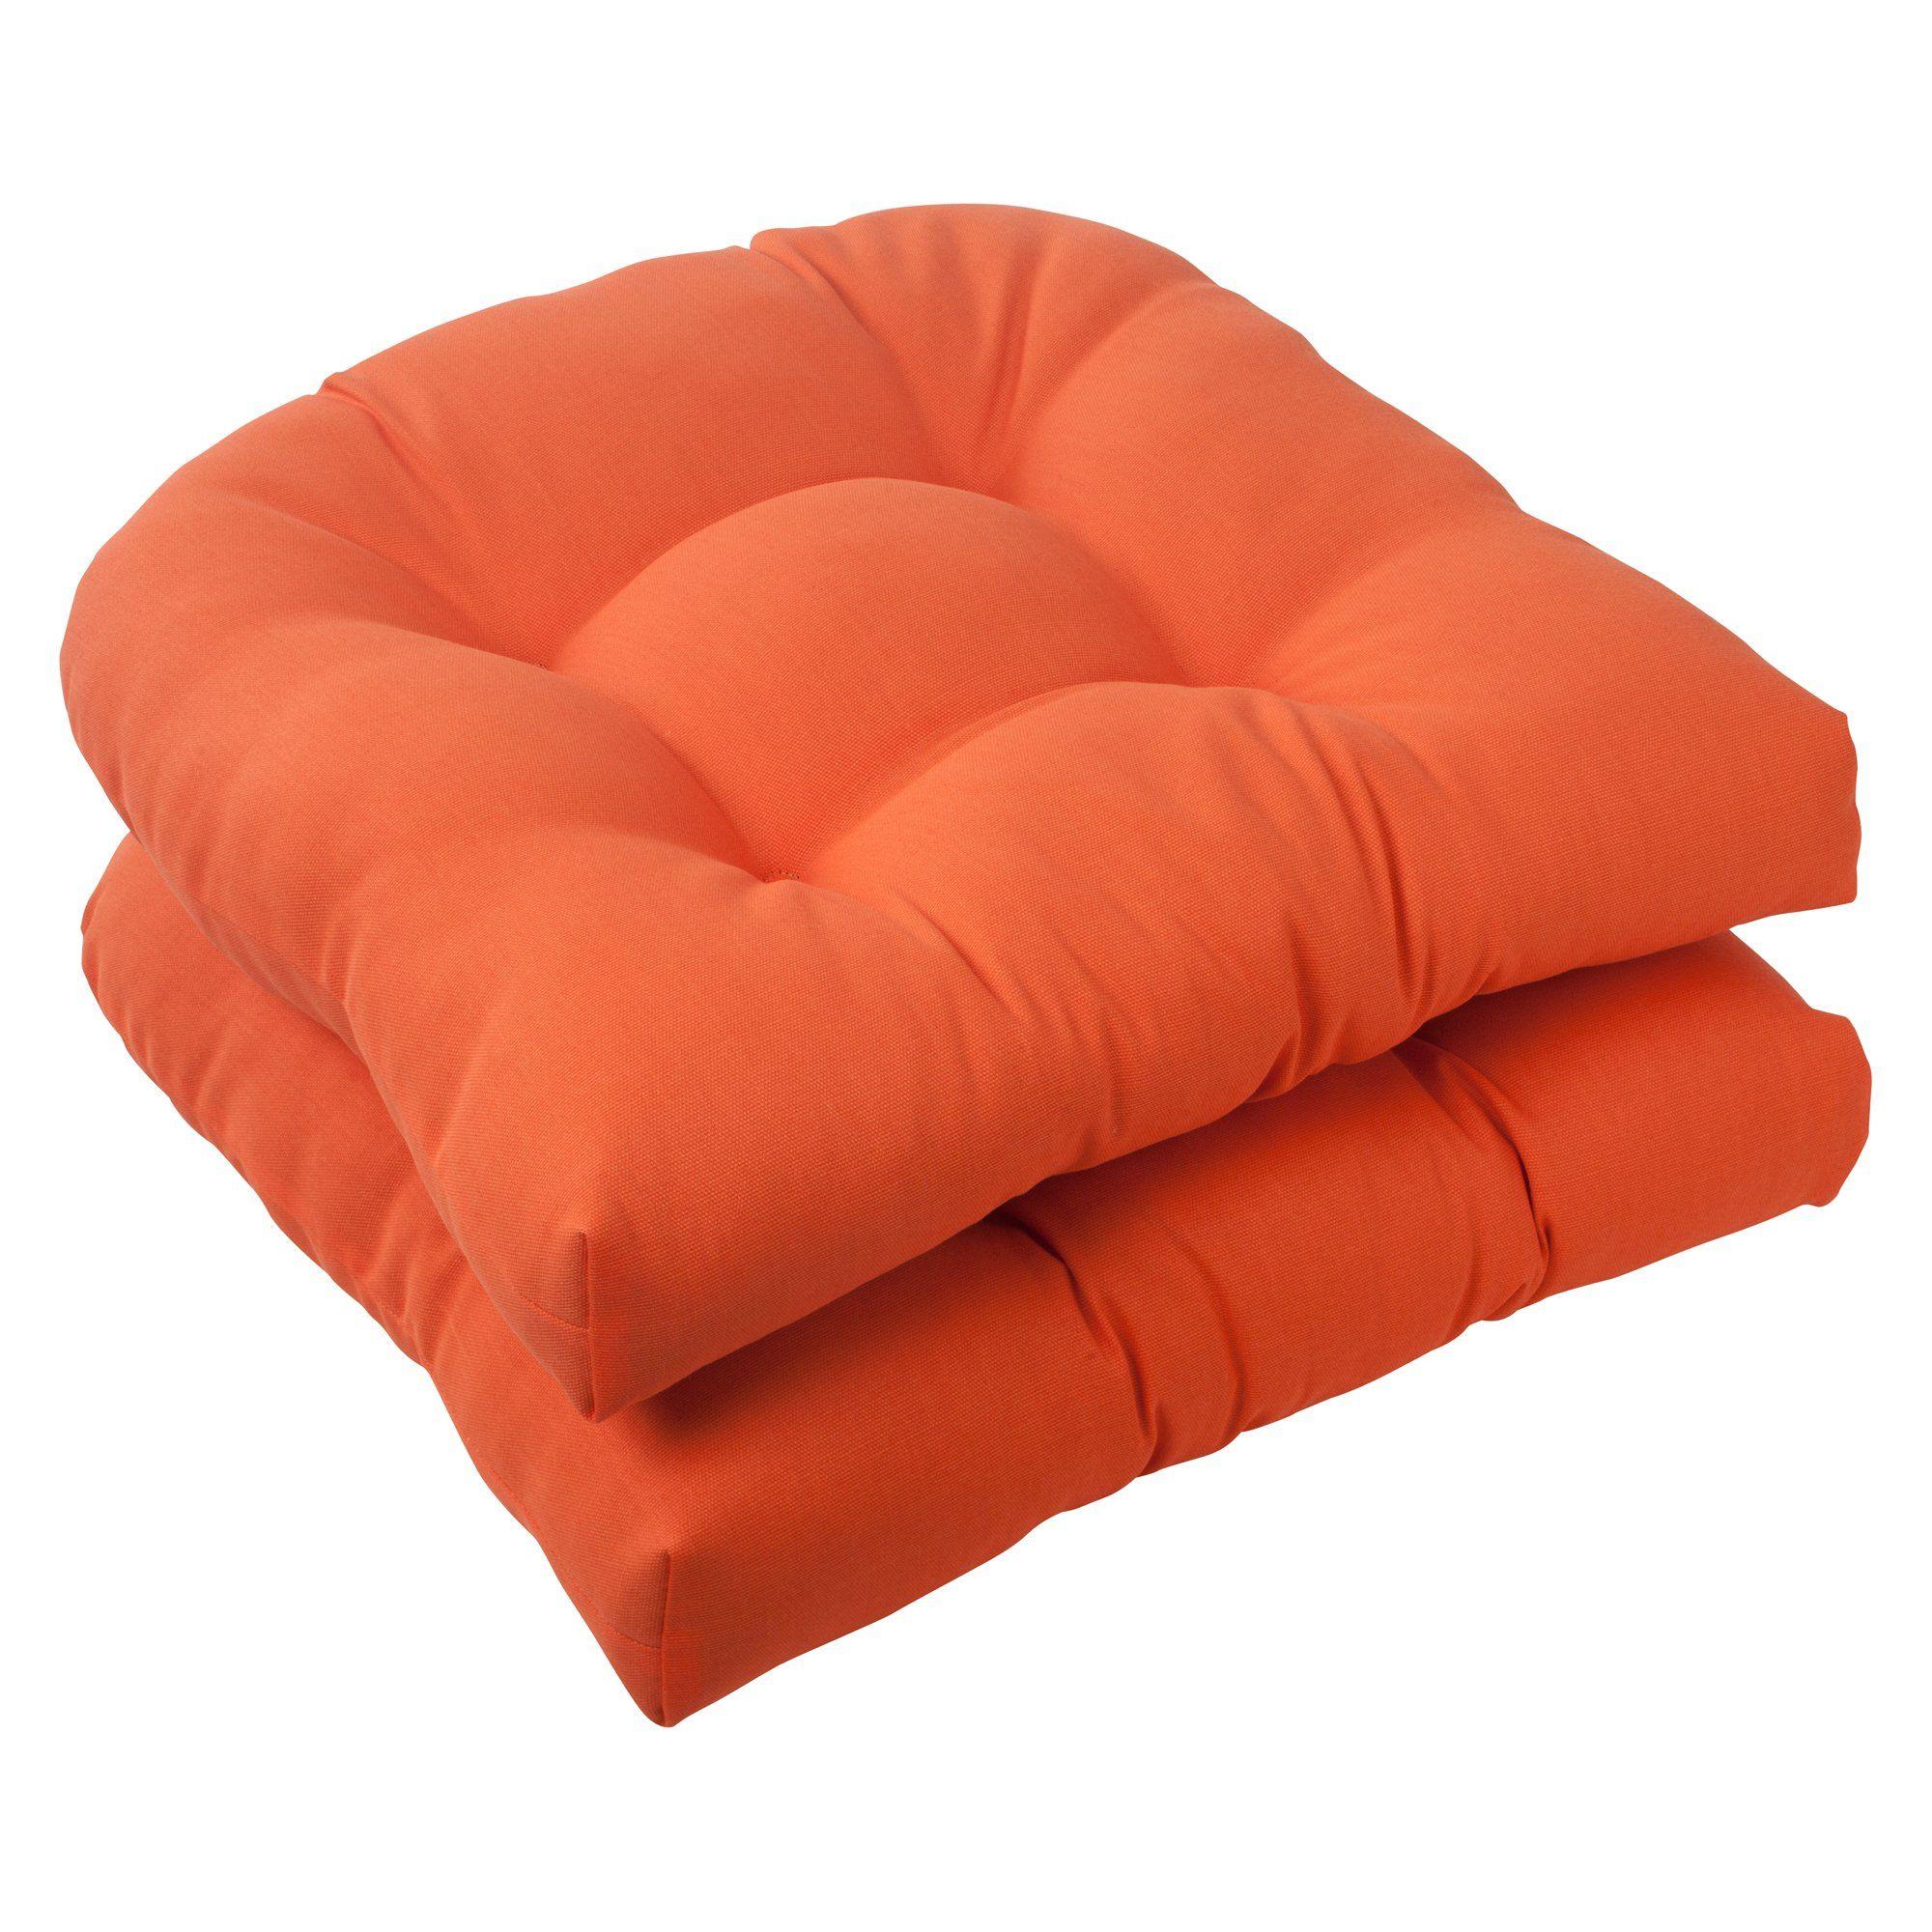 Amazon Com Pillow Perfect Indoor Outdoor Sundeck Wicker Seat